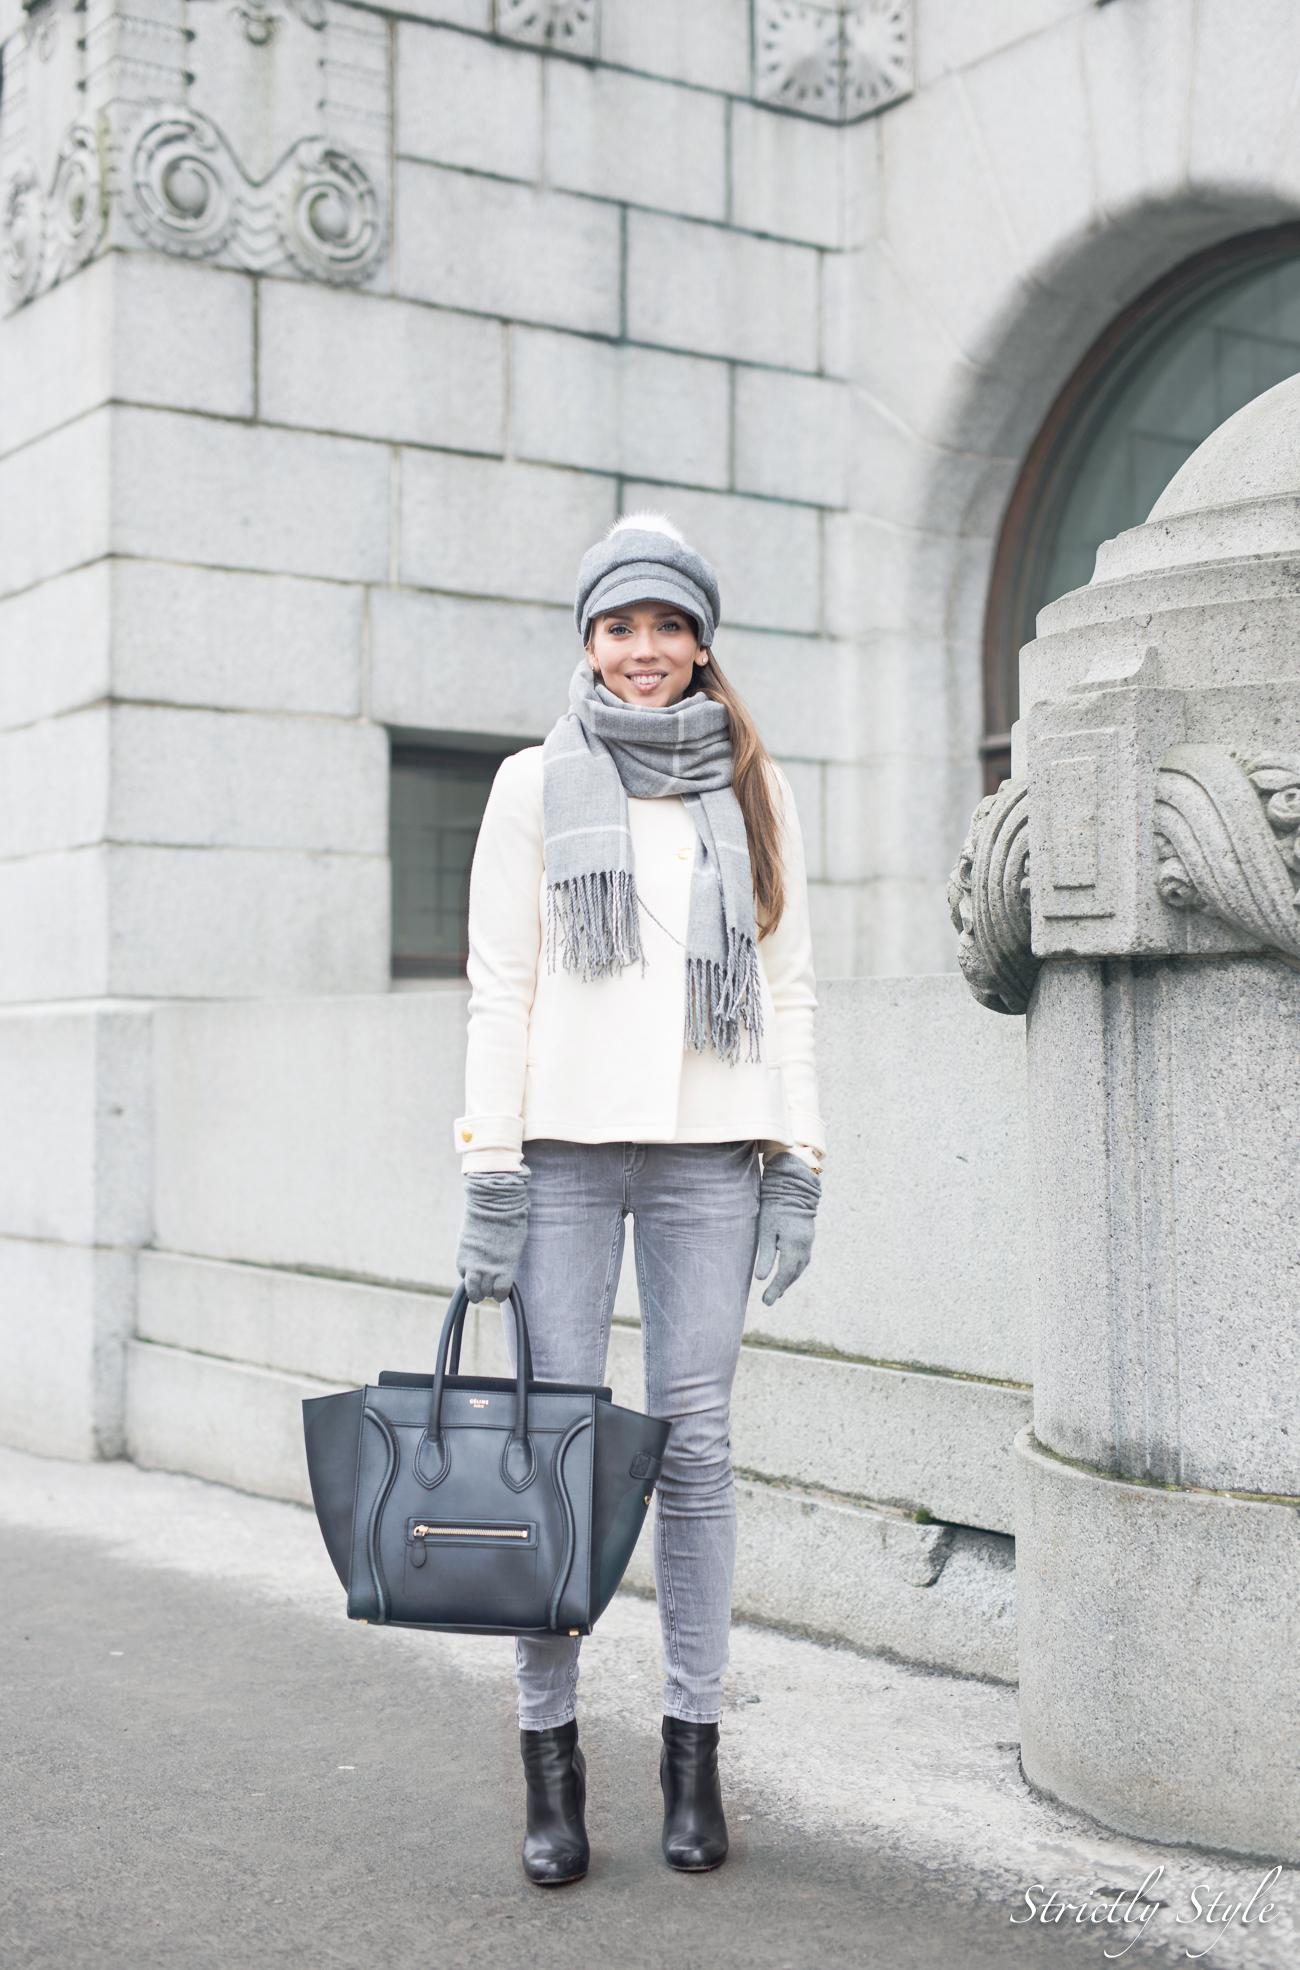 harmaa asu valkoinen takki bronda-9892